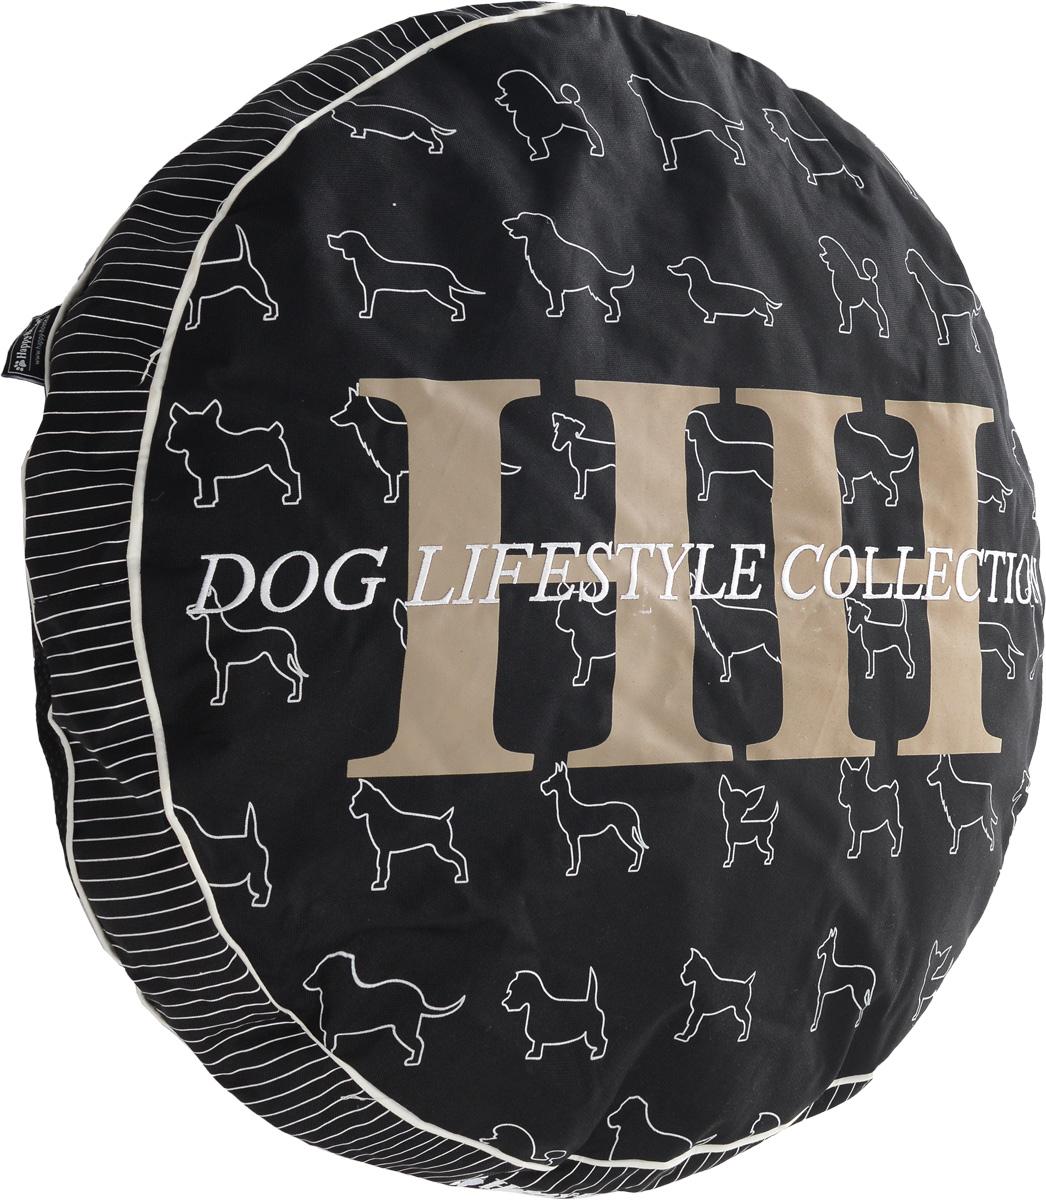 Лежак для животных Happy House Dog Lifestyle, 70 х 70 х 10 см0120710Лежак Happy House Dog Lifestyle прекрасно подойдет для отдыха вашего домашнего питомца. Предназначен для кошек, а также собак мелких и средних пород. Чехол лежака выполнен из полиэстера и закрывается на застежку-молнию, наполнитель - из холлофайбера. Комфортный и уютный лежак обязательно понравится вашему питомцу, животное сможет там отдохнуть и выспаться.